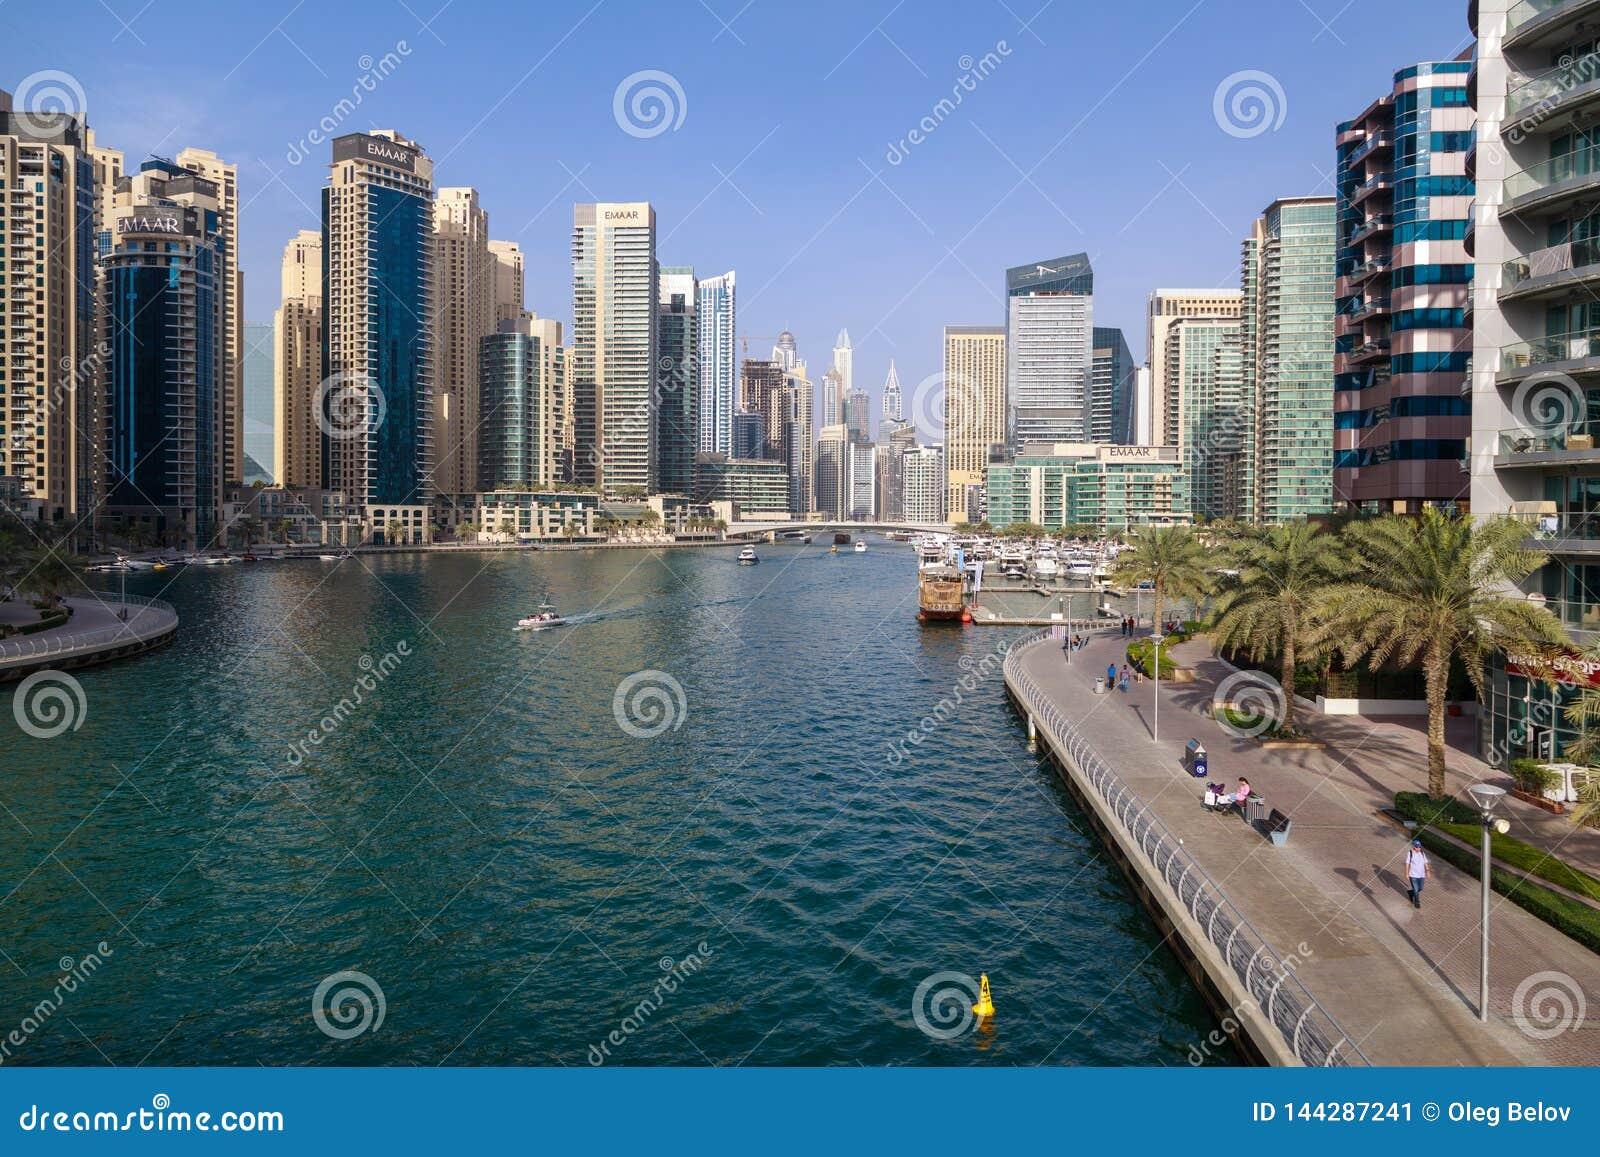 View of Dubai Marina on a warm sunny day